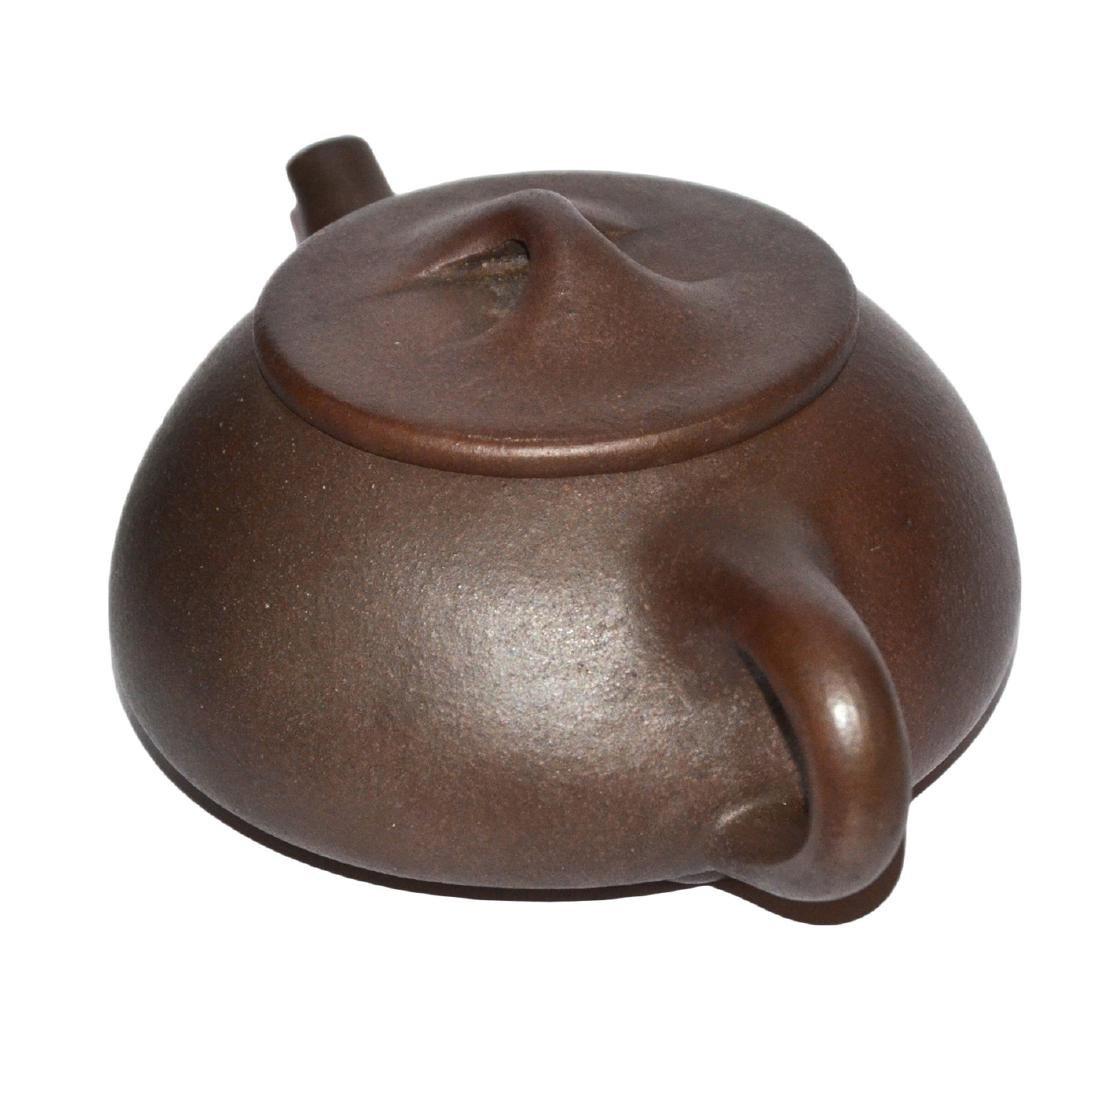 Gu Jingzhou, Stone-spoon Yixing Zisha Teapot - 2